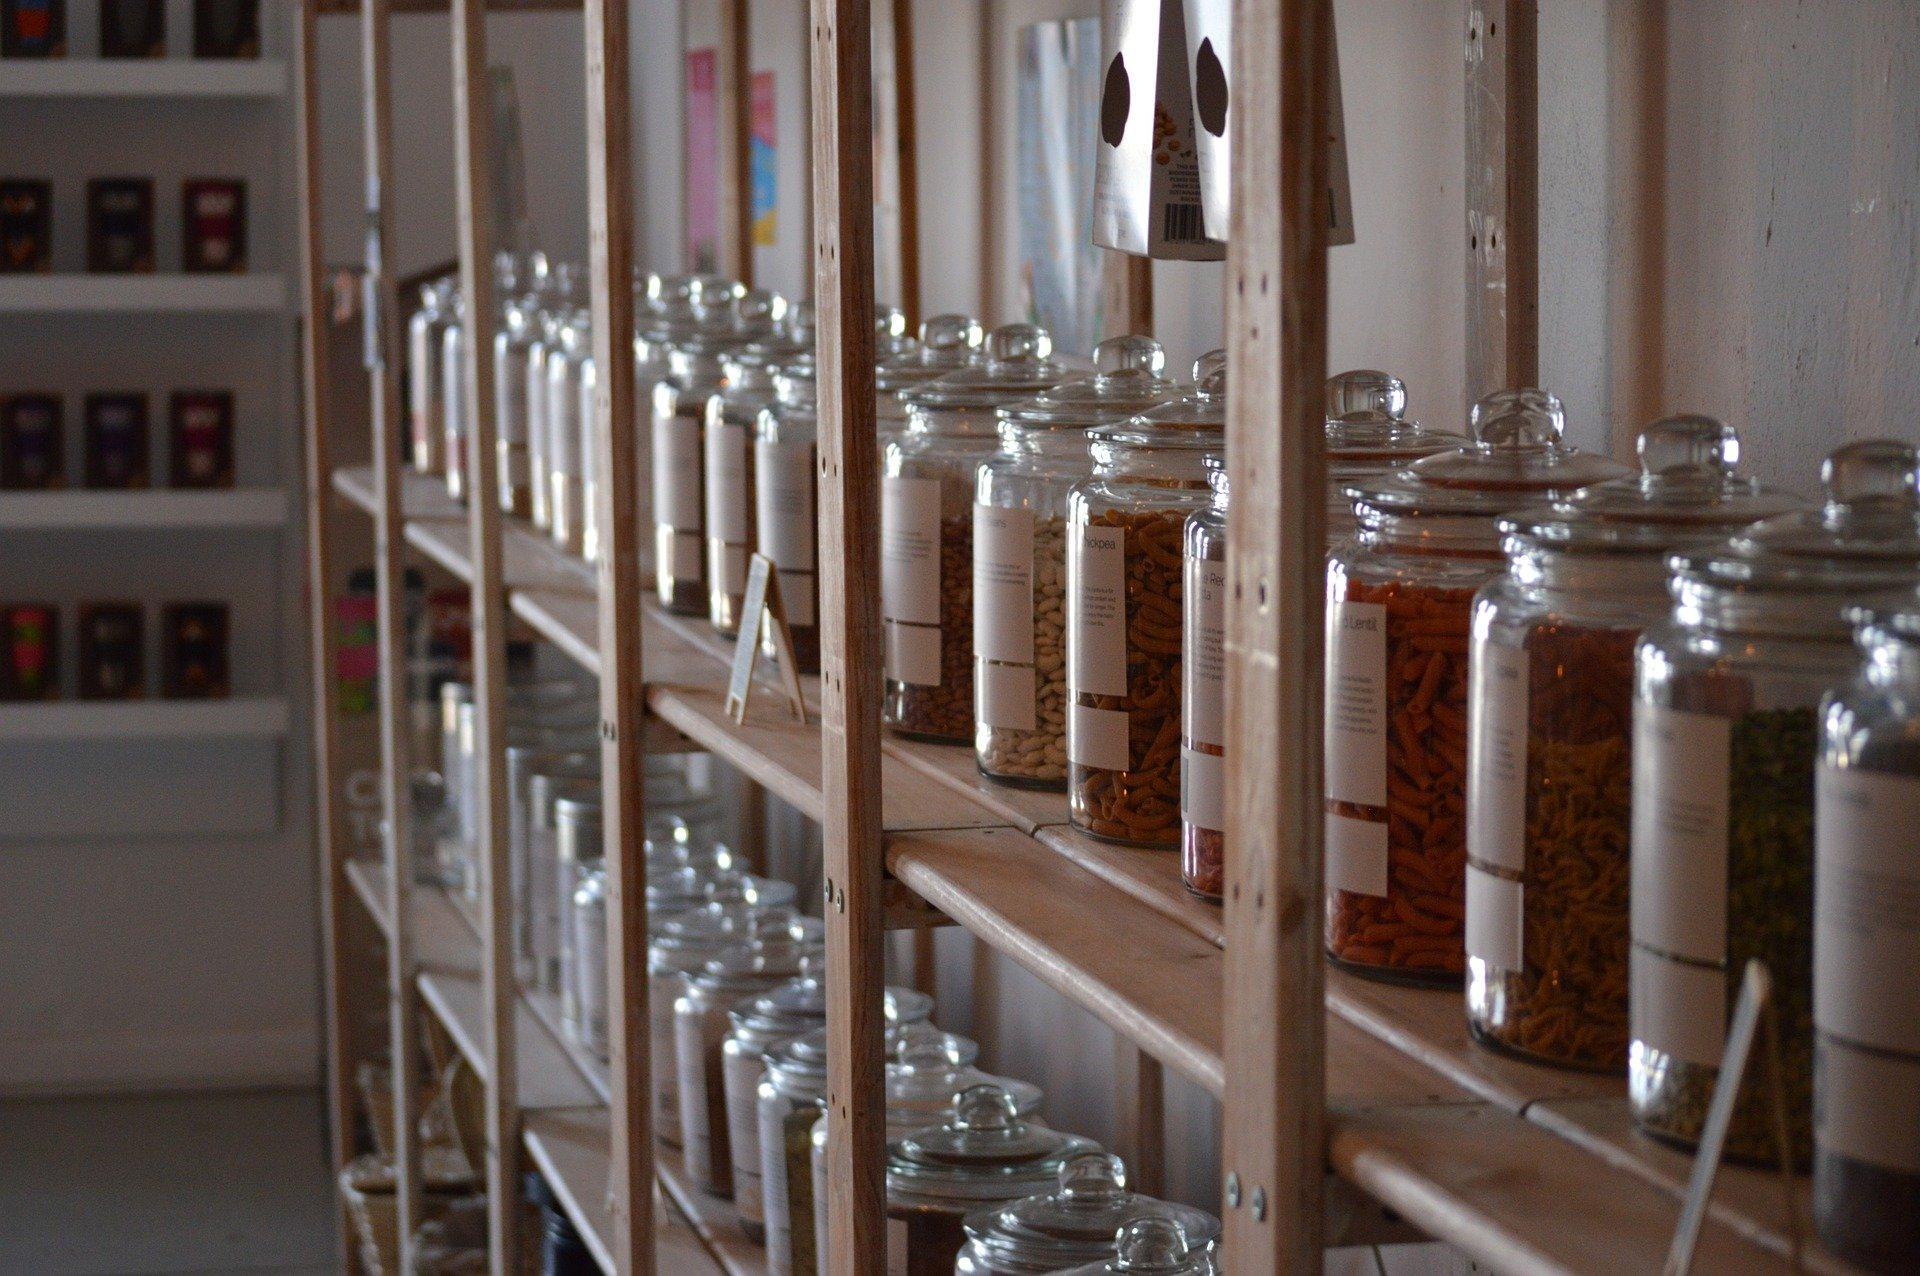 Glazen potten tegen voedselverspilling